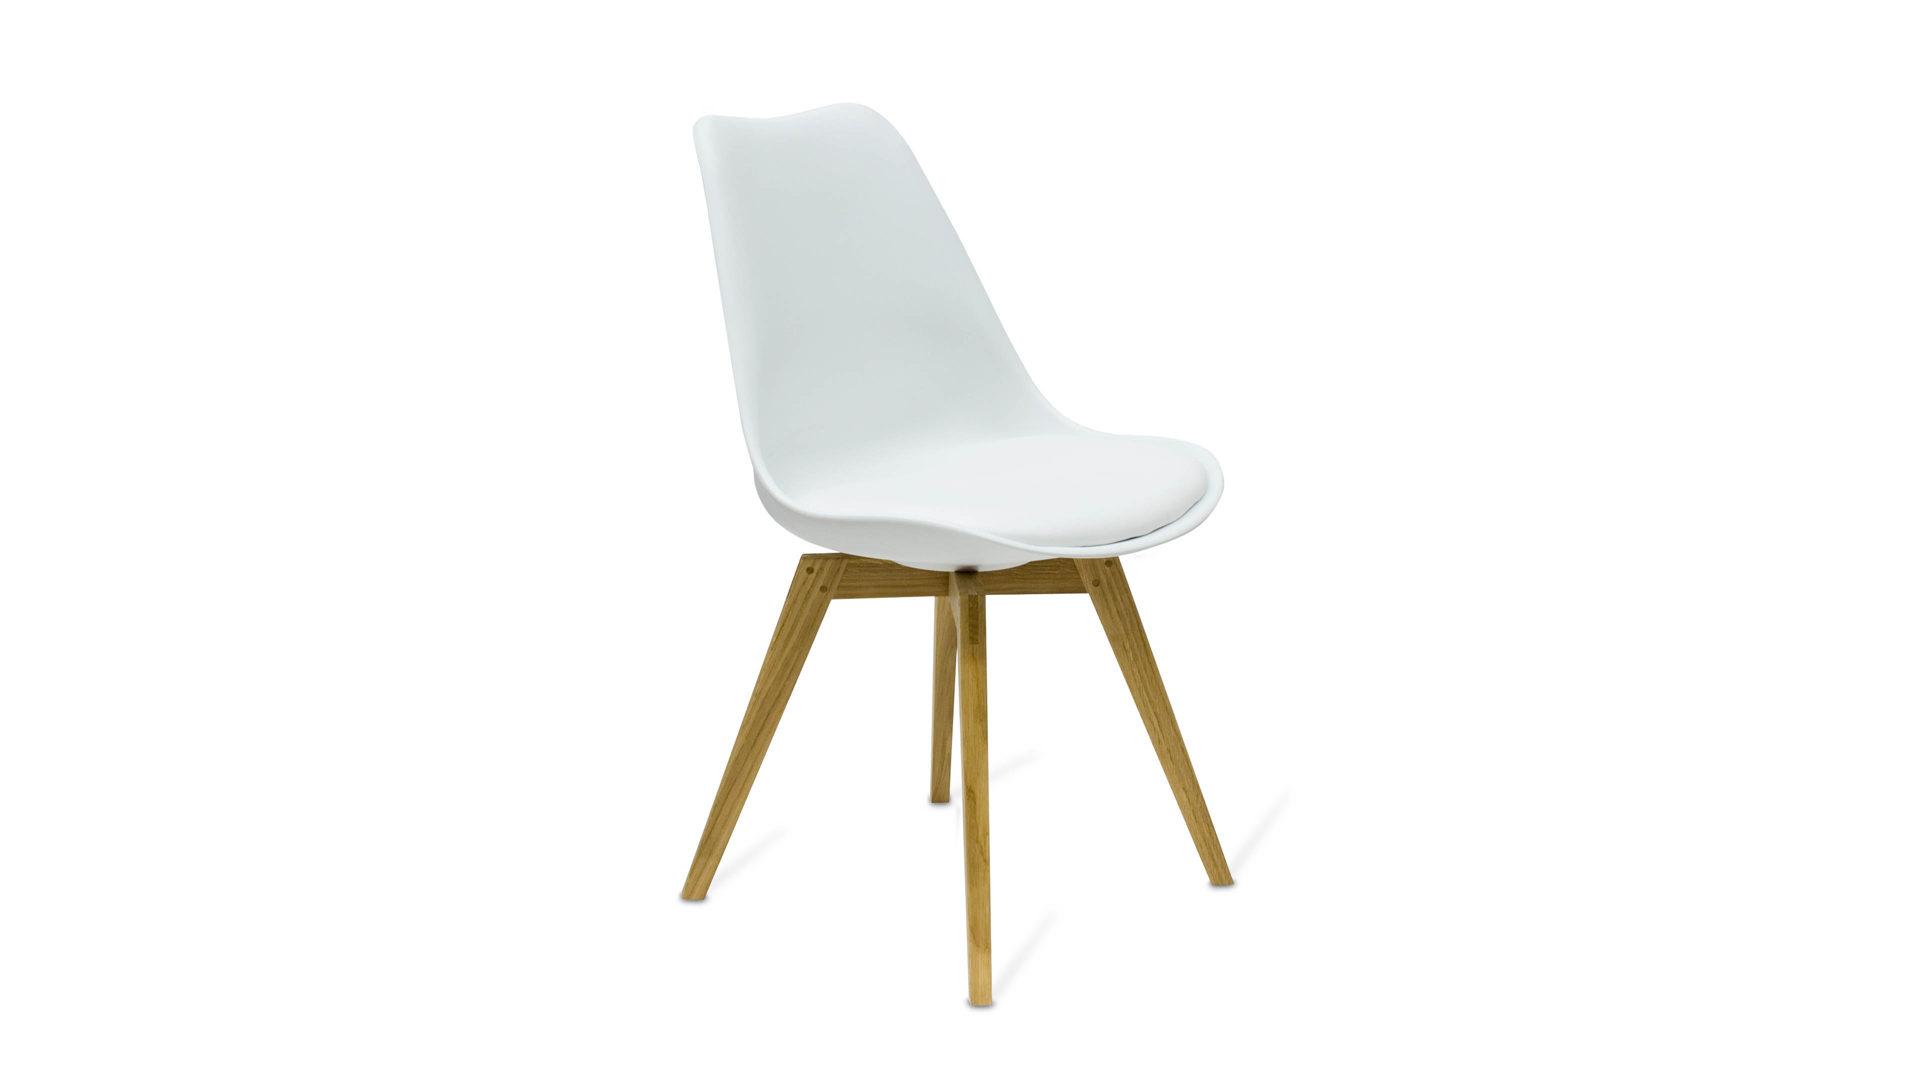 Esszimmerstühle modern weiß  EINRICHTUNGSPARTNERRING, Möbel A-Z, Stühle + Bänke, Esszimmerstühle ...